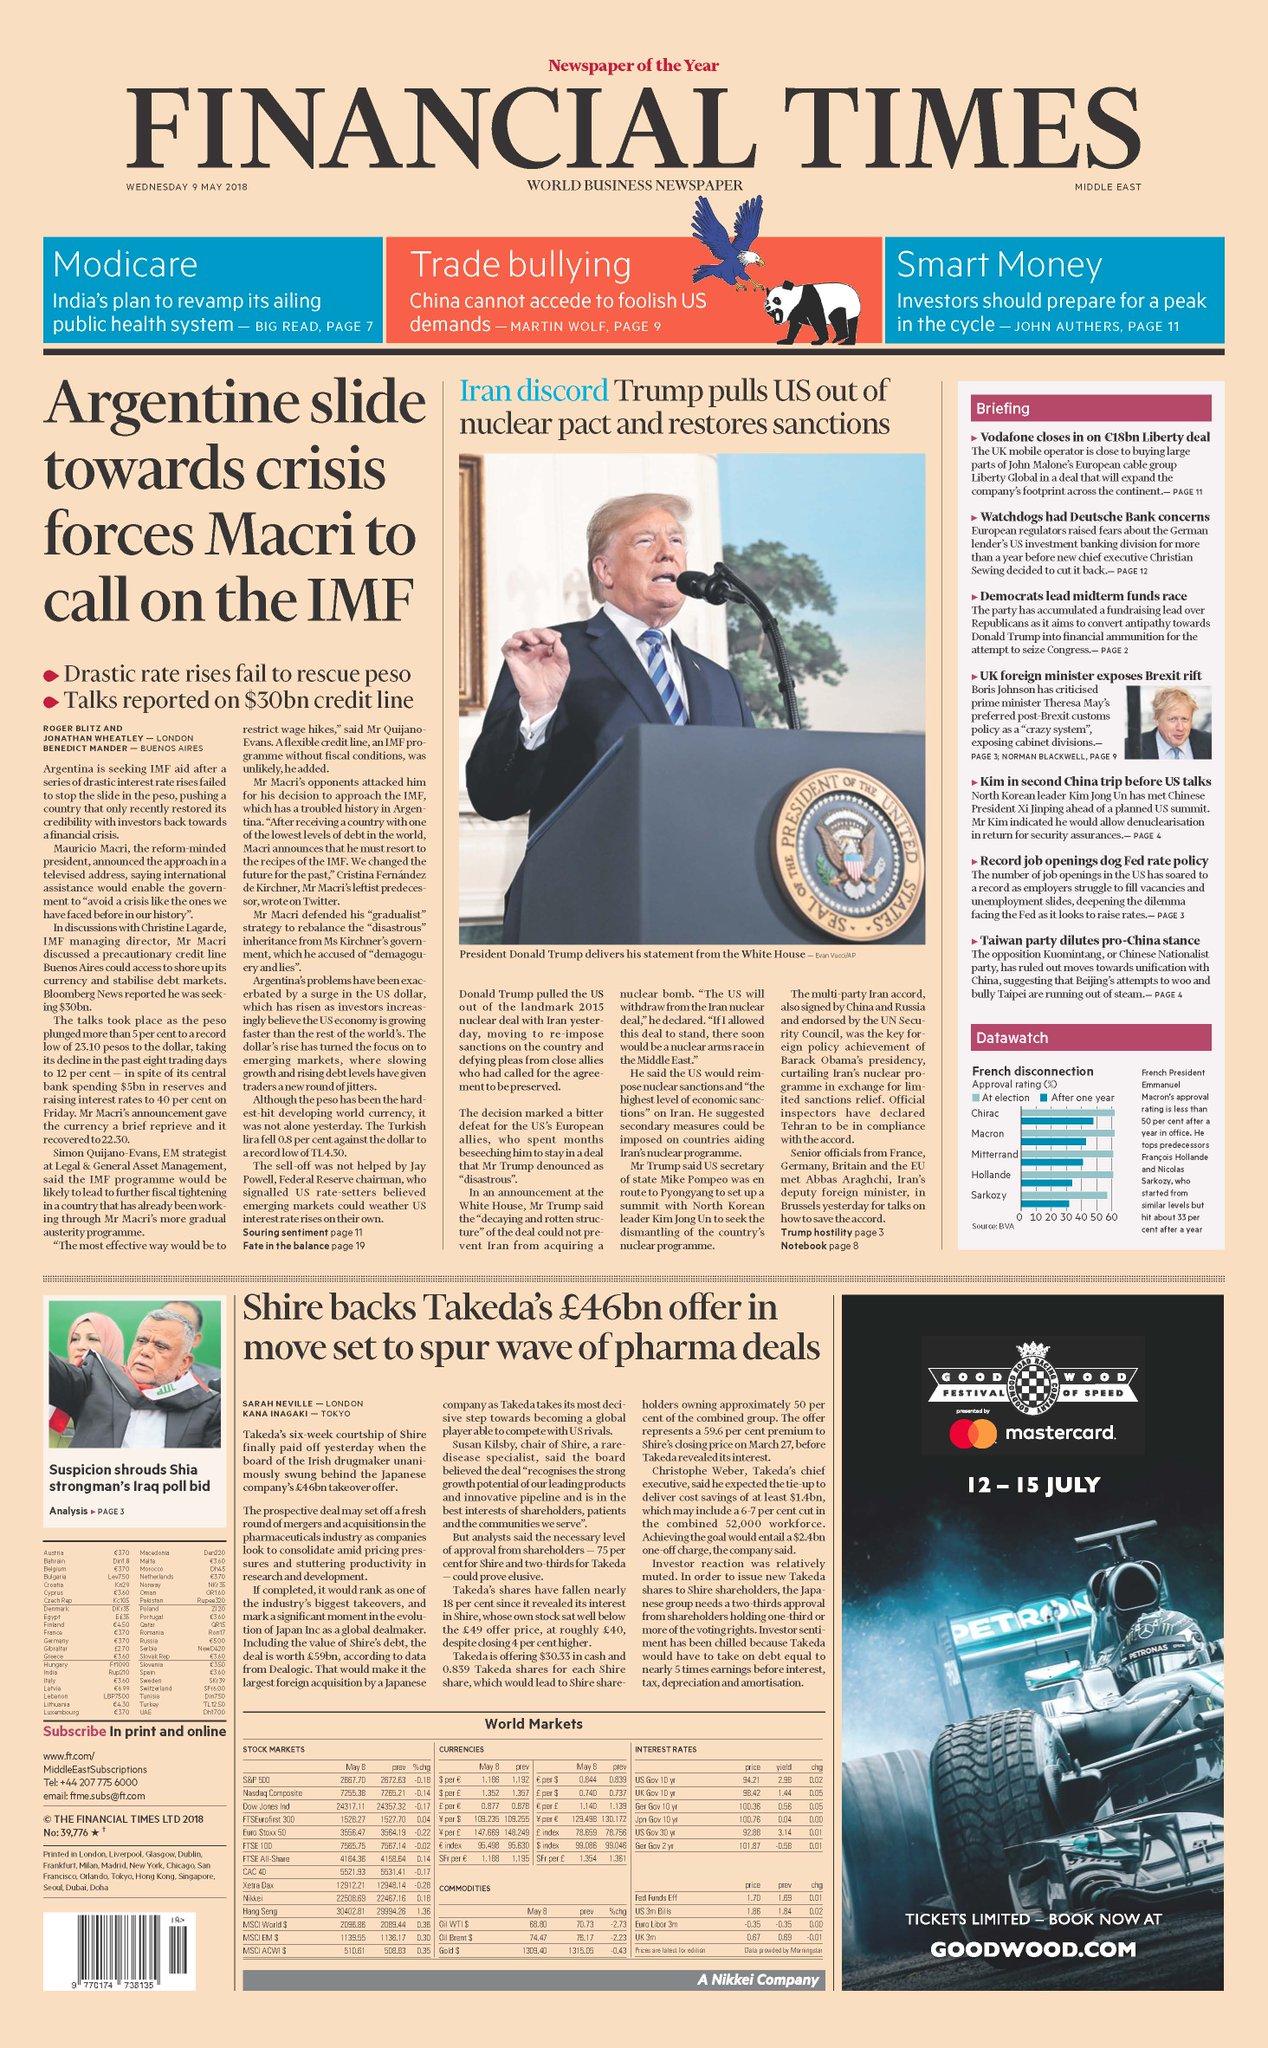 La tapa del Financial Times de mañana